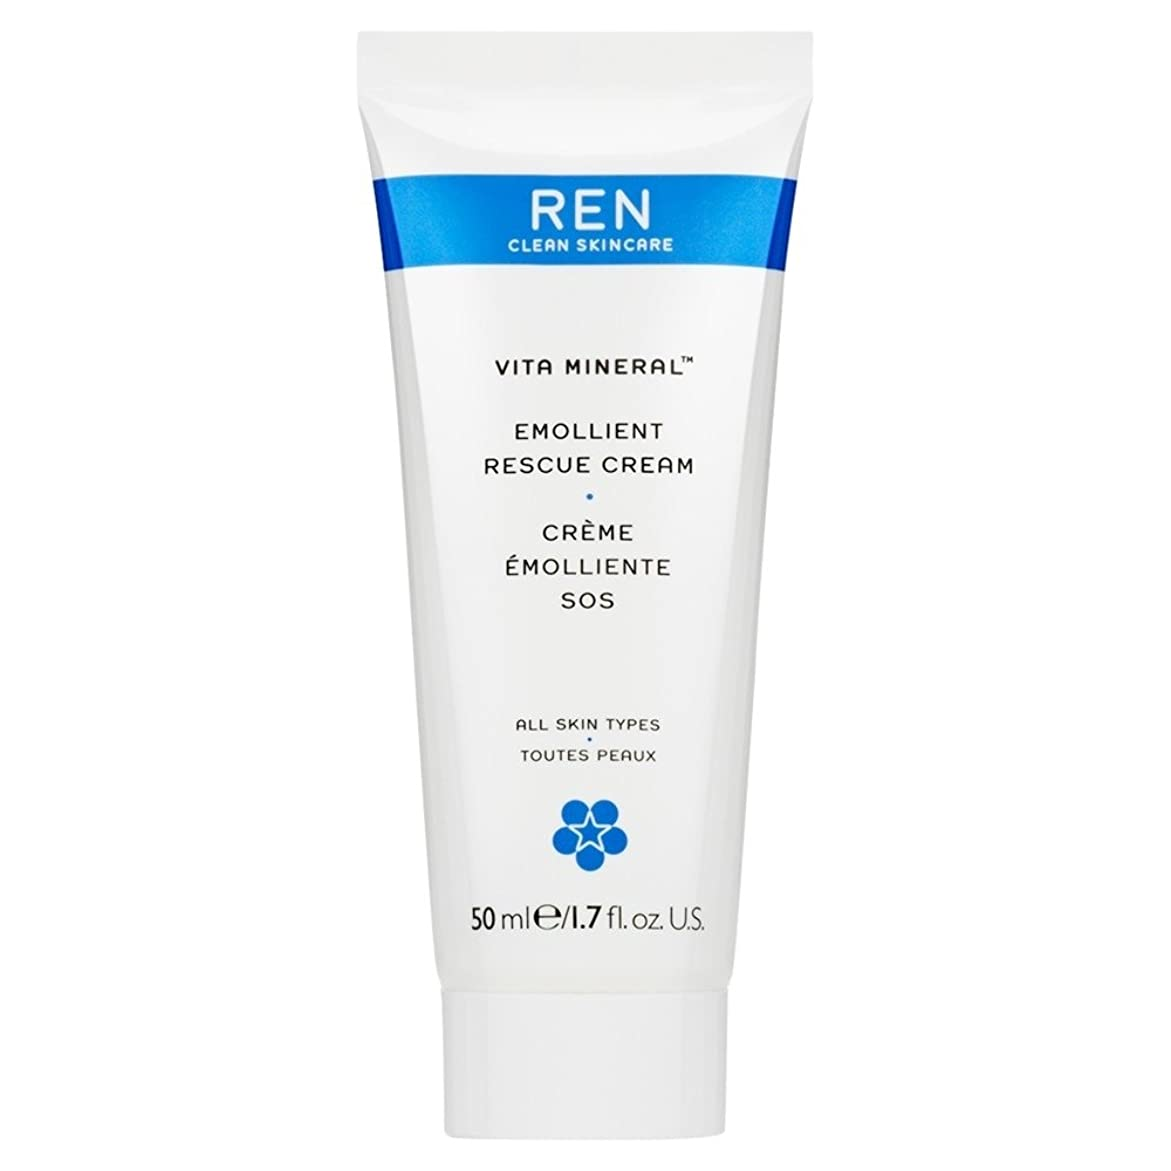 吐くエンゲージメント植物学Renヴィータミネラルレスキュークリーム、50ミリリットル (REN) (x6) - REN Vita Mineral Rescue Cream, 50ml (Pack of 6) [並行輸入品]